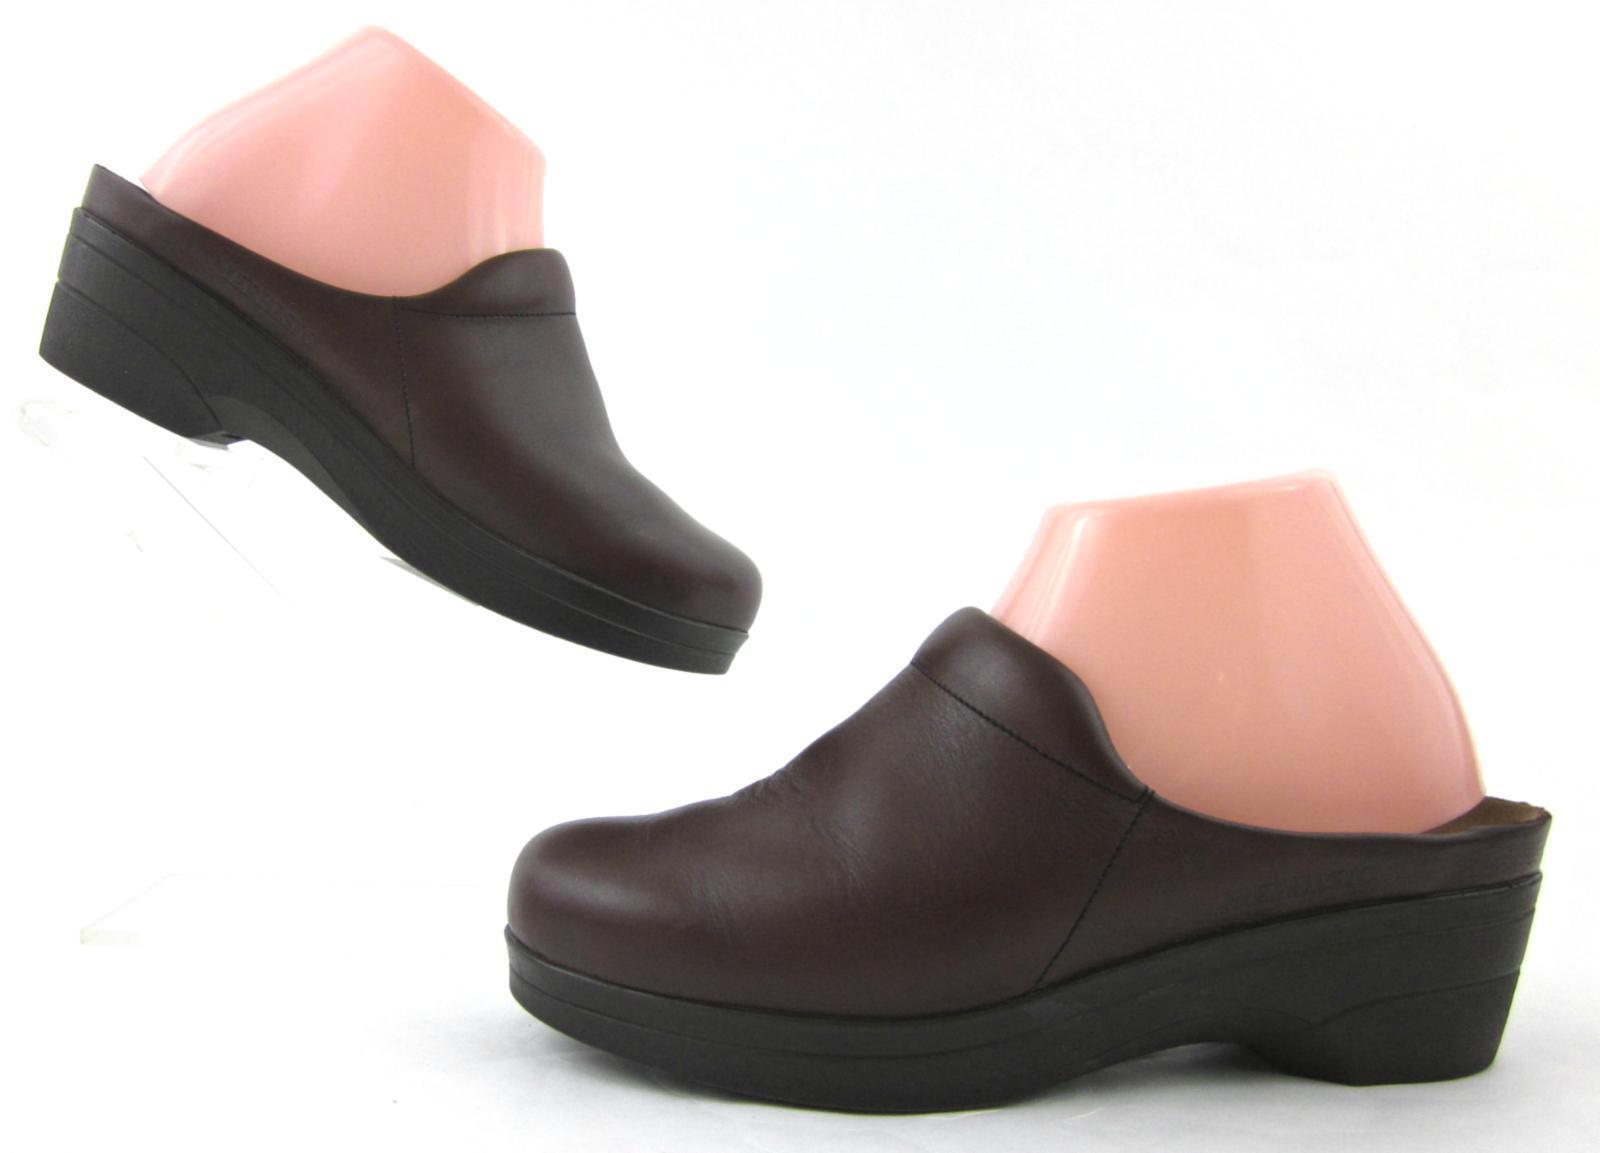 Mephisto Mule Clog Slides Brown Leather EU 38 US 8   MSRP  200+